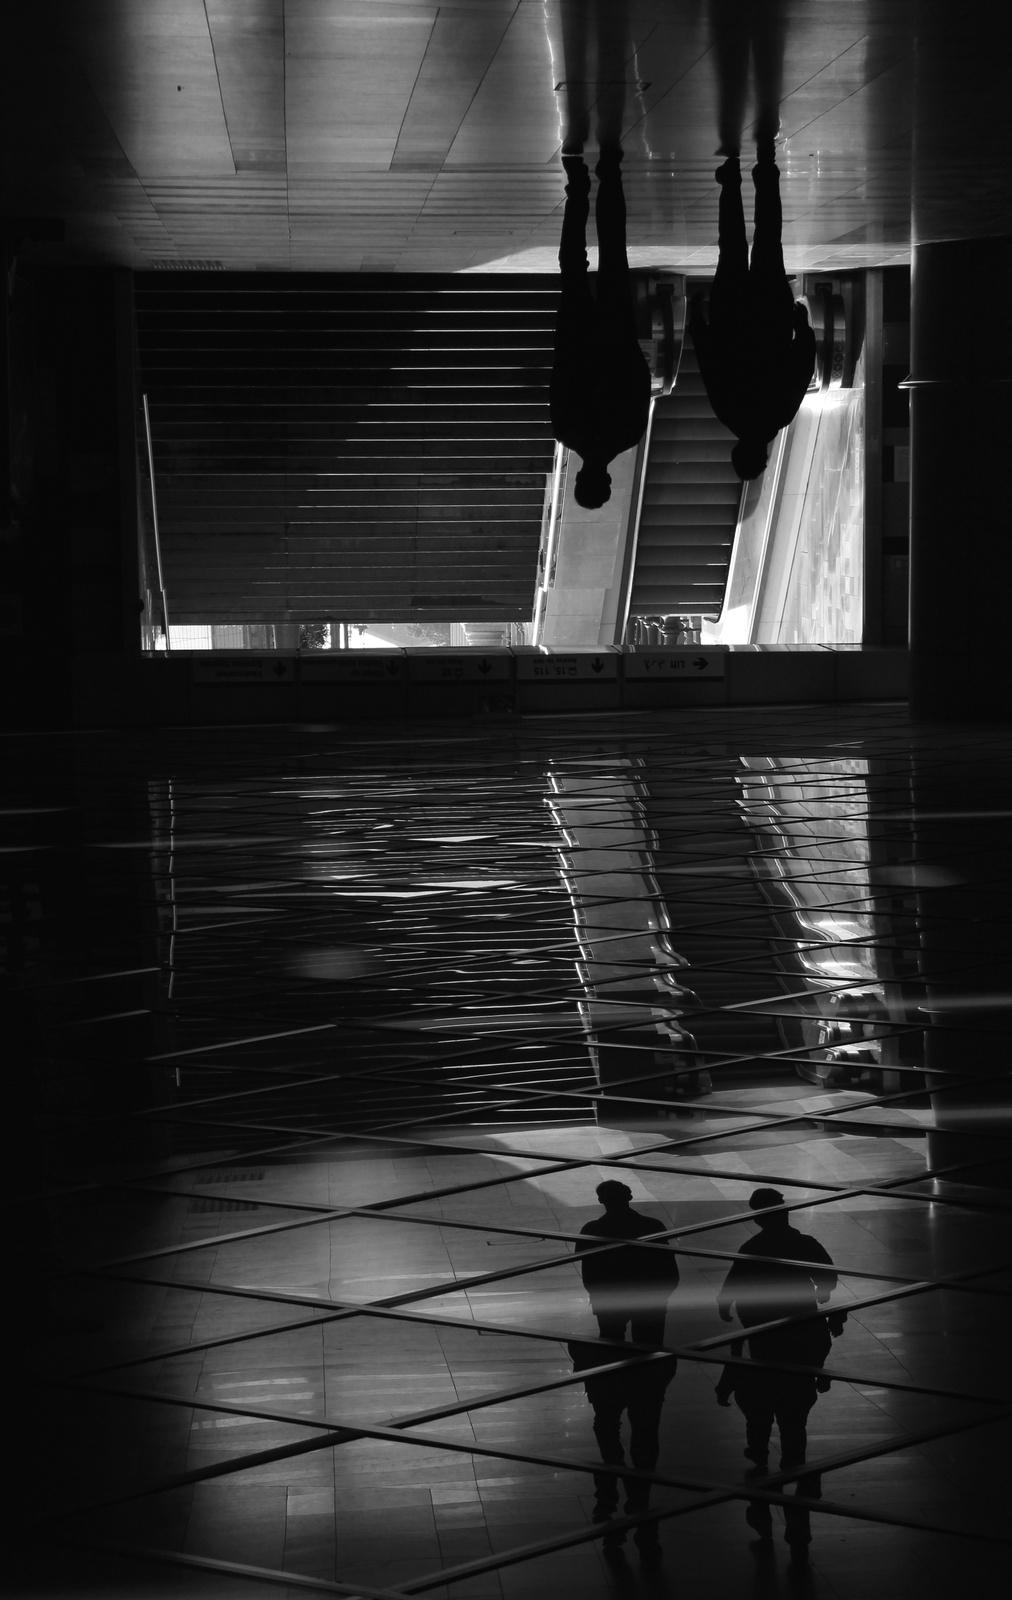 Lépcső tükörmennyezettel, két emberrel